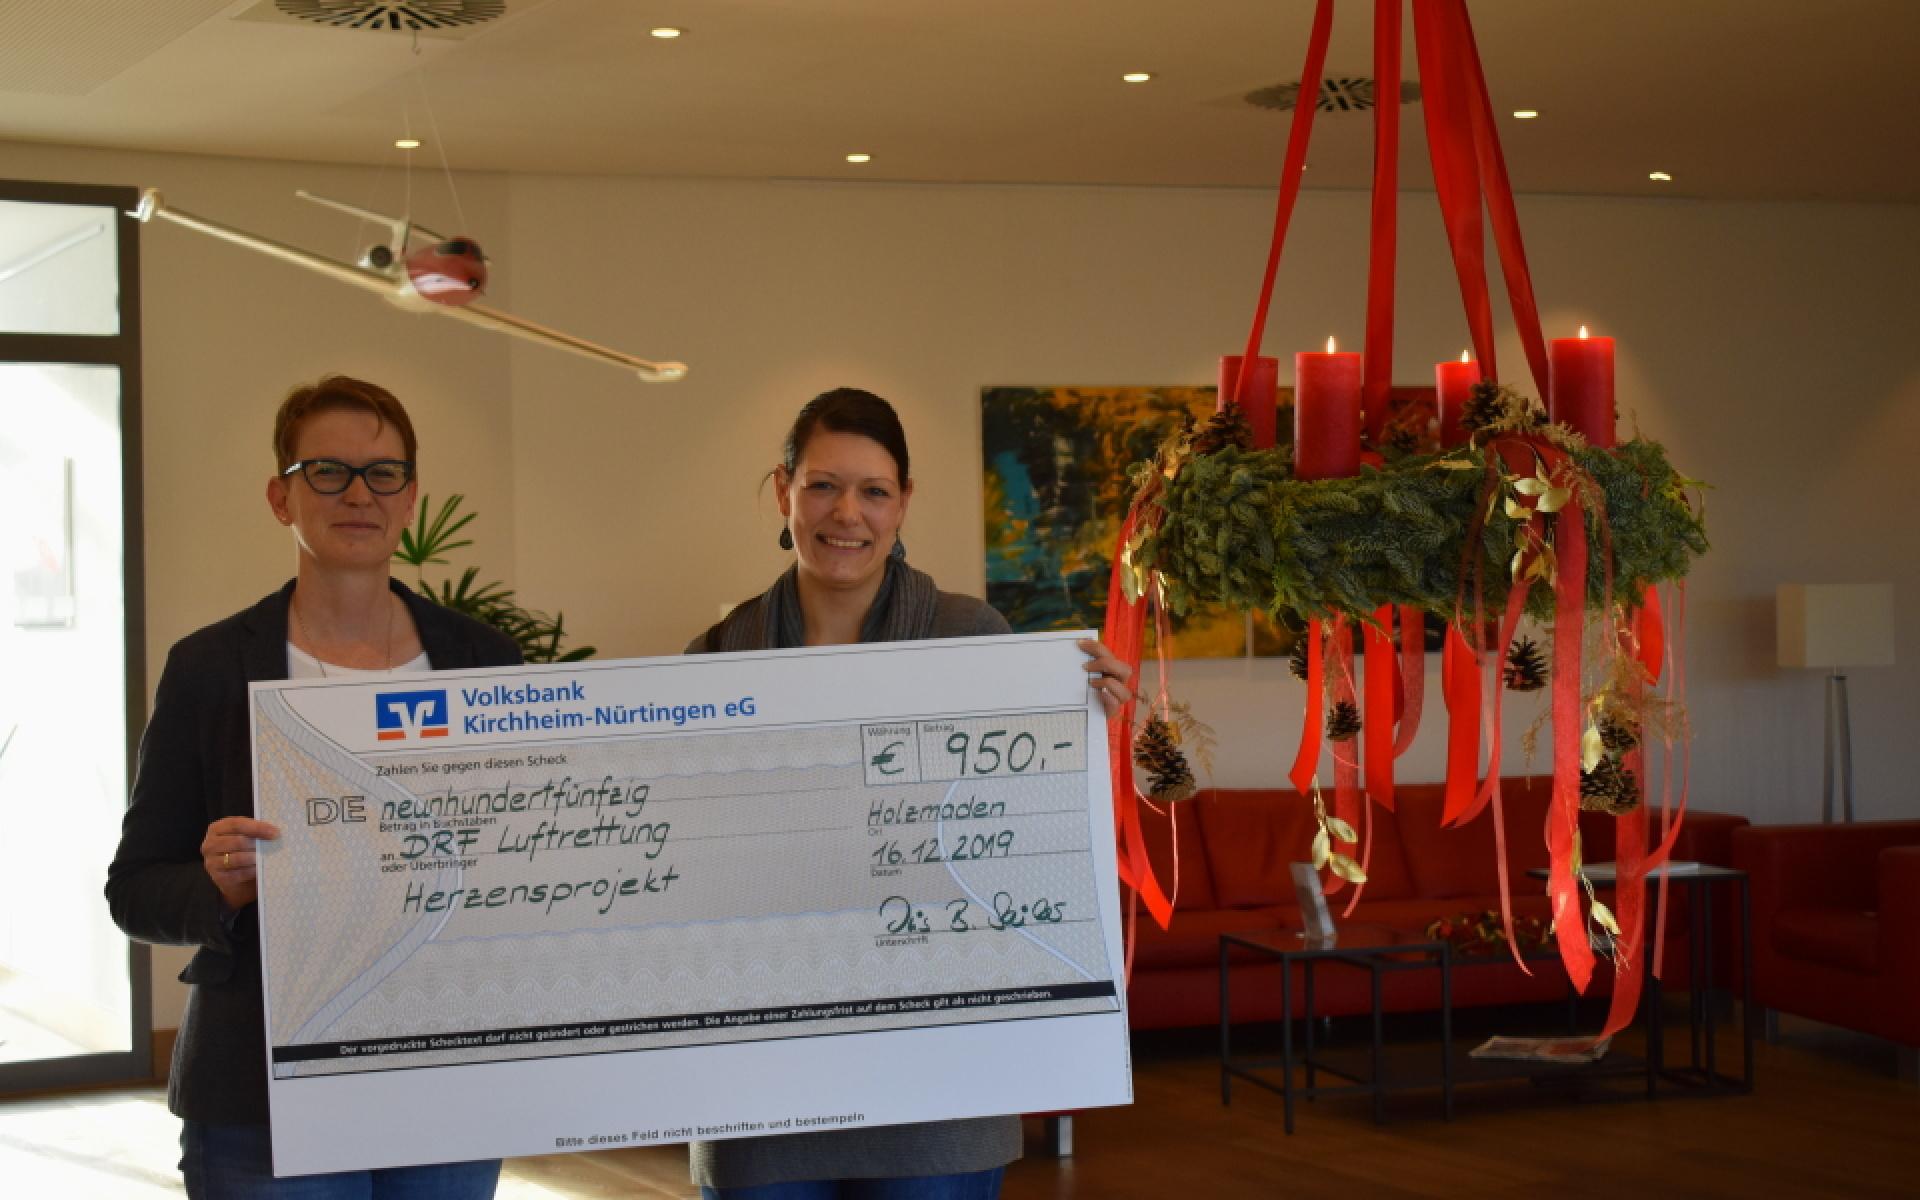 Bei einer Spendenübergabe halten zwei Frauen einen symbolischen Scheck in die Höhe.